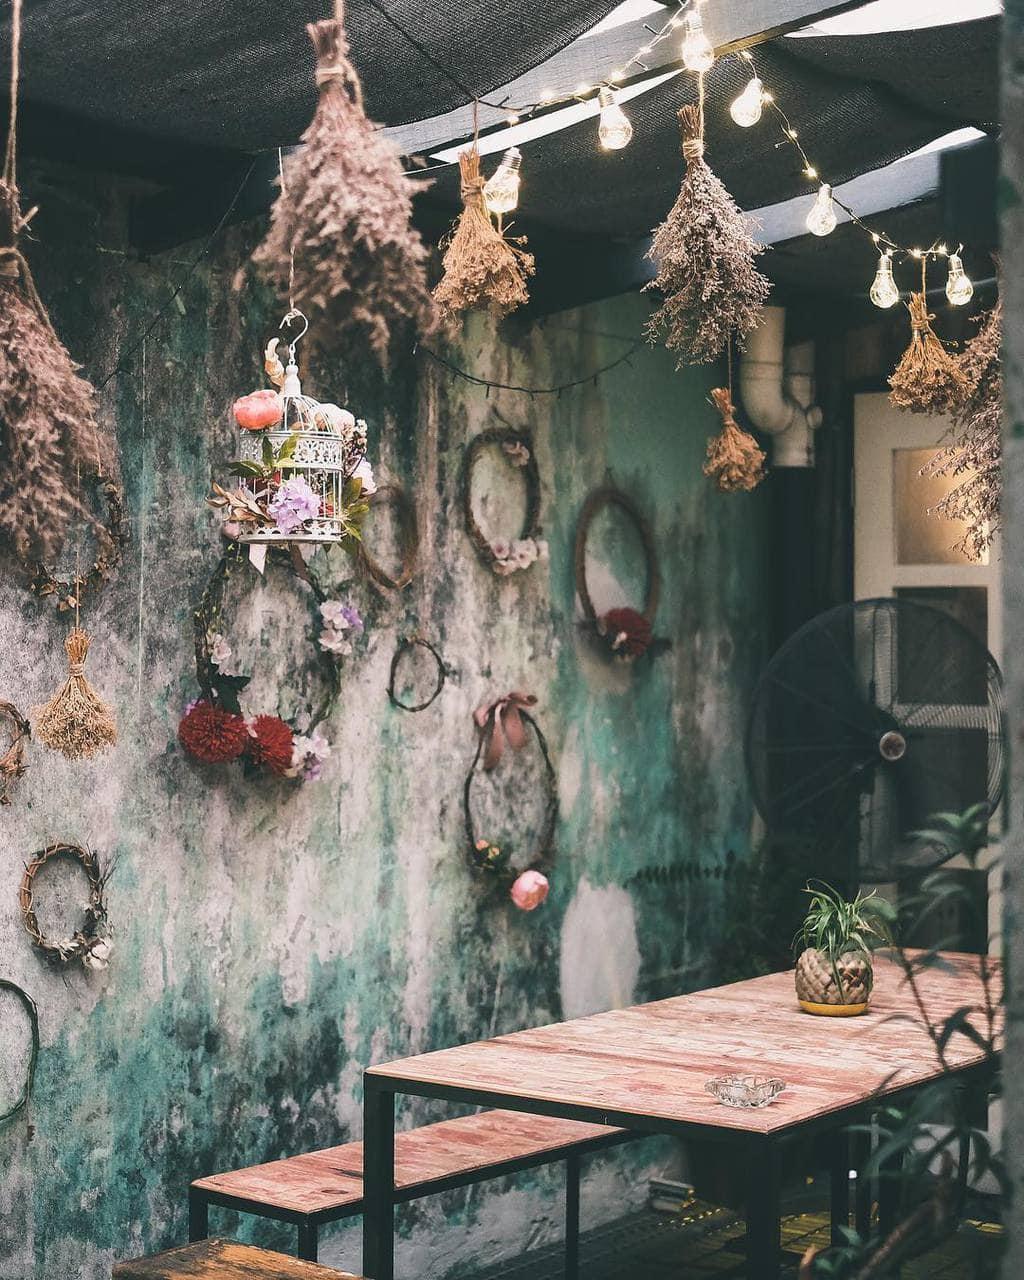 Merchant's Lane Cafe Kuala Lumpur by @merchantslane